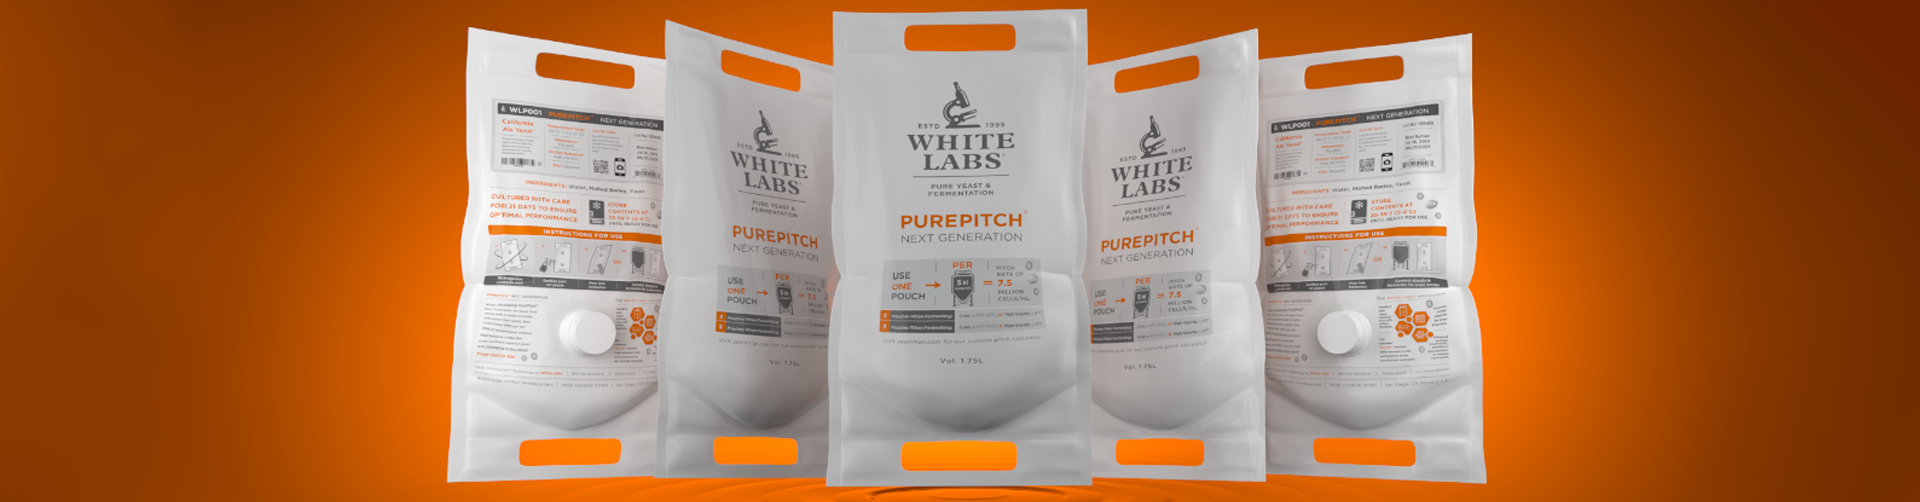 whitelab